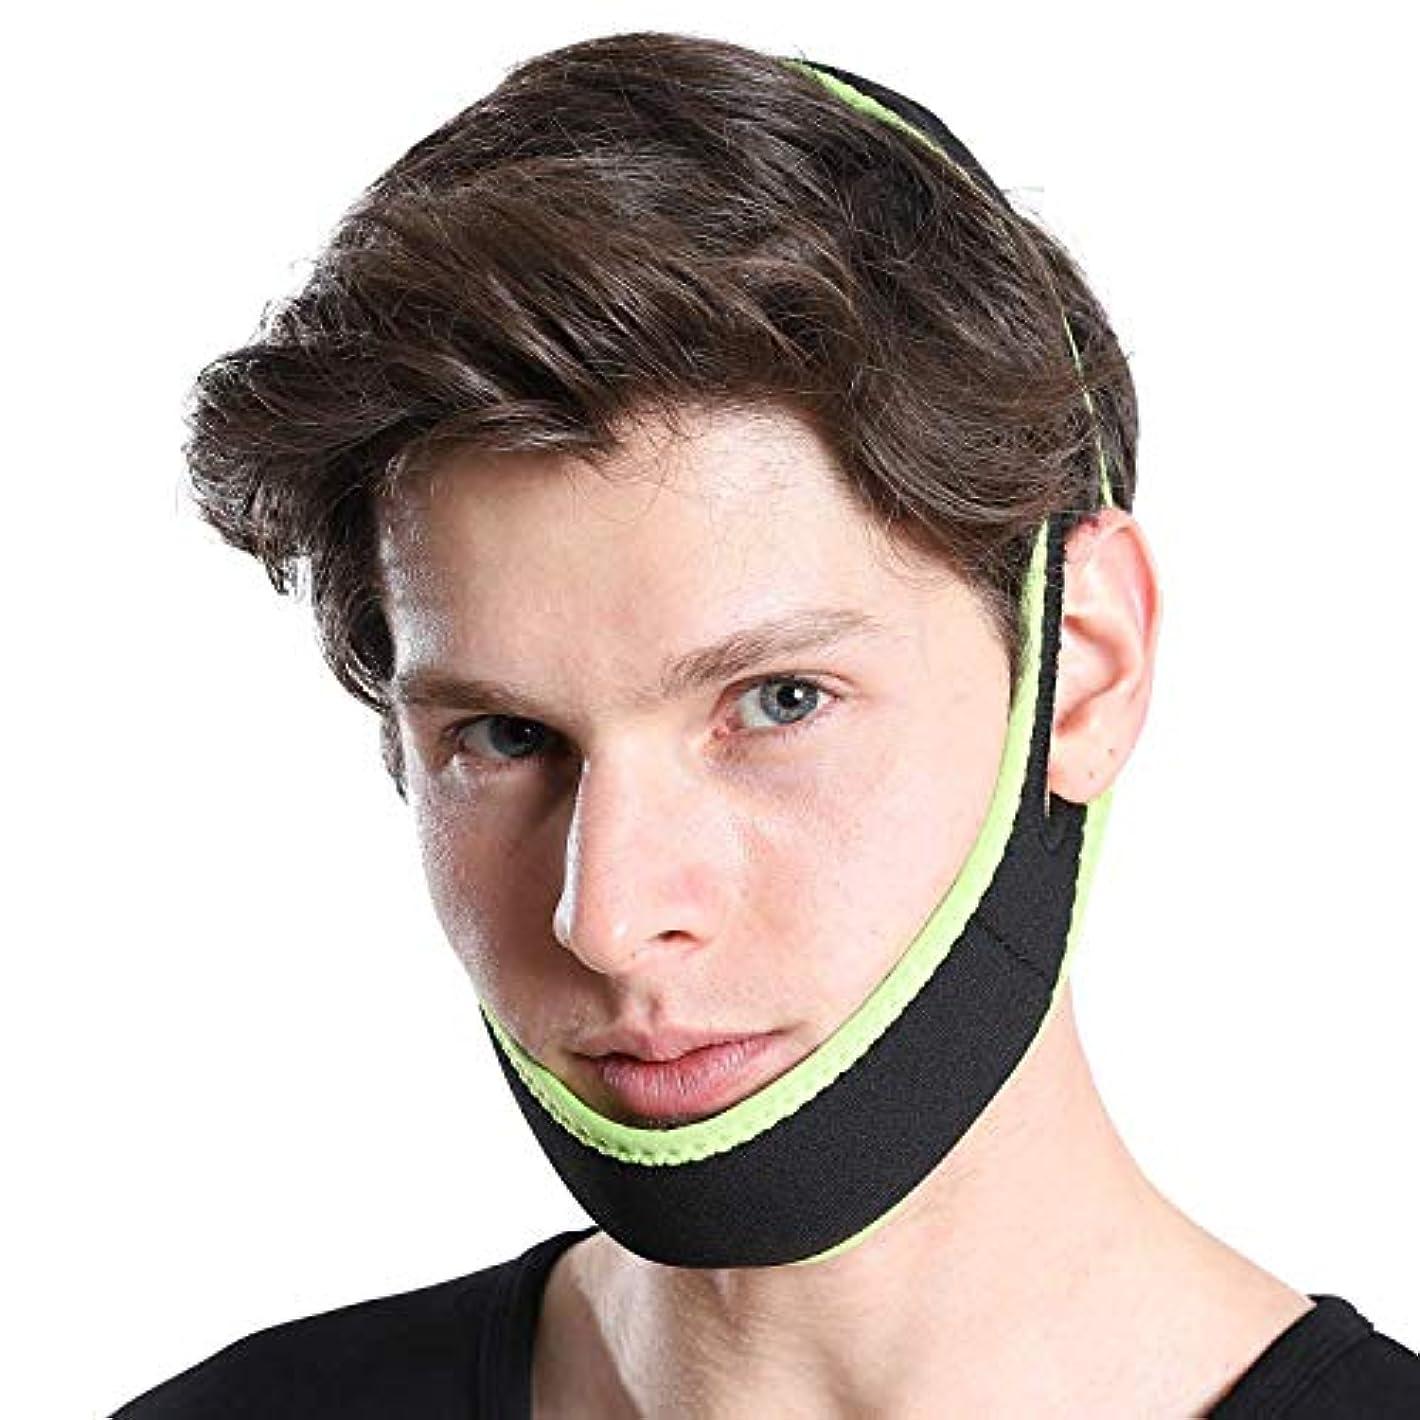 小顔マスク メンズ ゲルマニウムチタン 配合で 顔痩せ 小顔 リフトアップ!